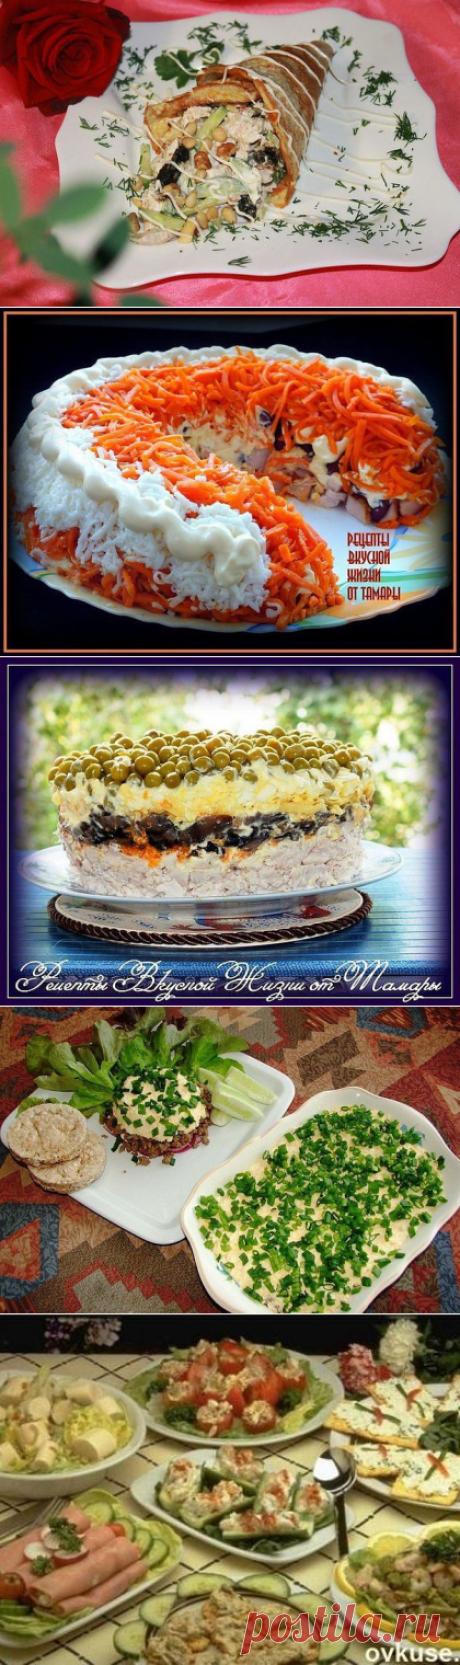 Тор - 10 вкуснейших мясных салатов - Простые рецепты Овкусе.ру